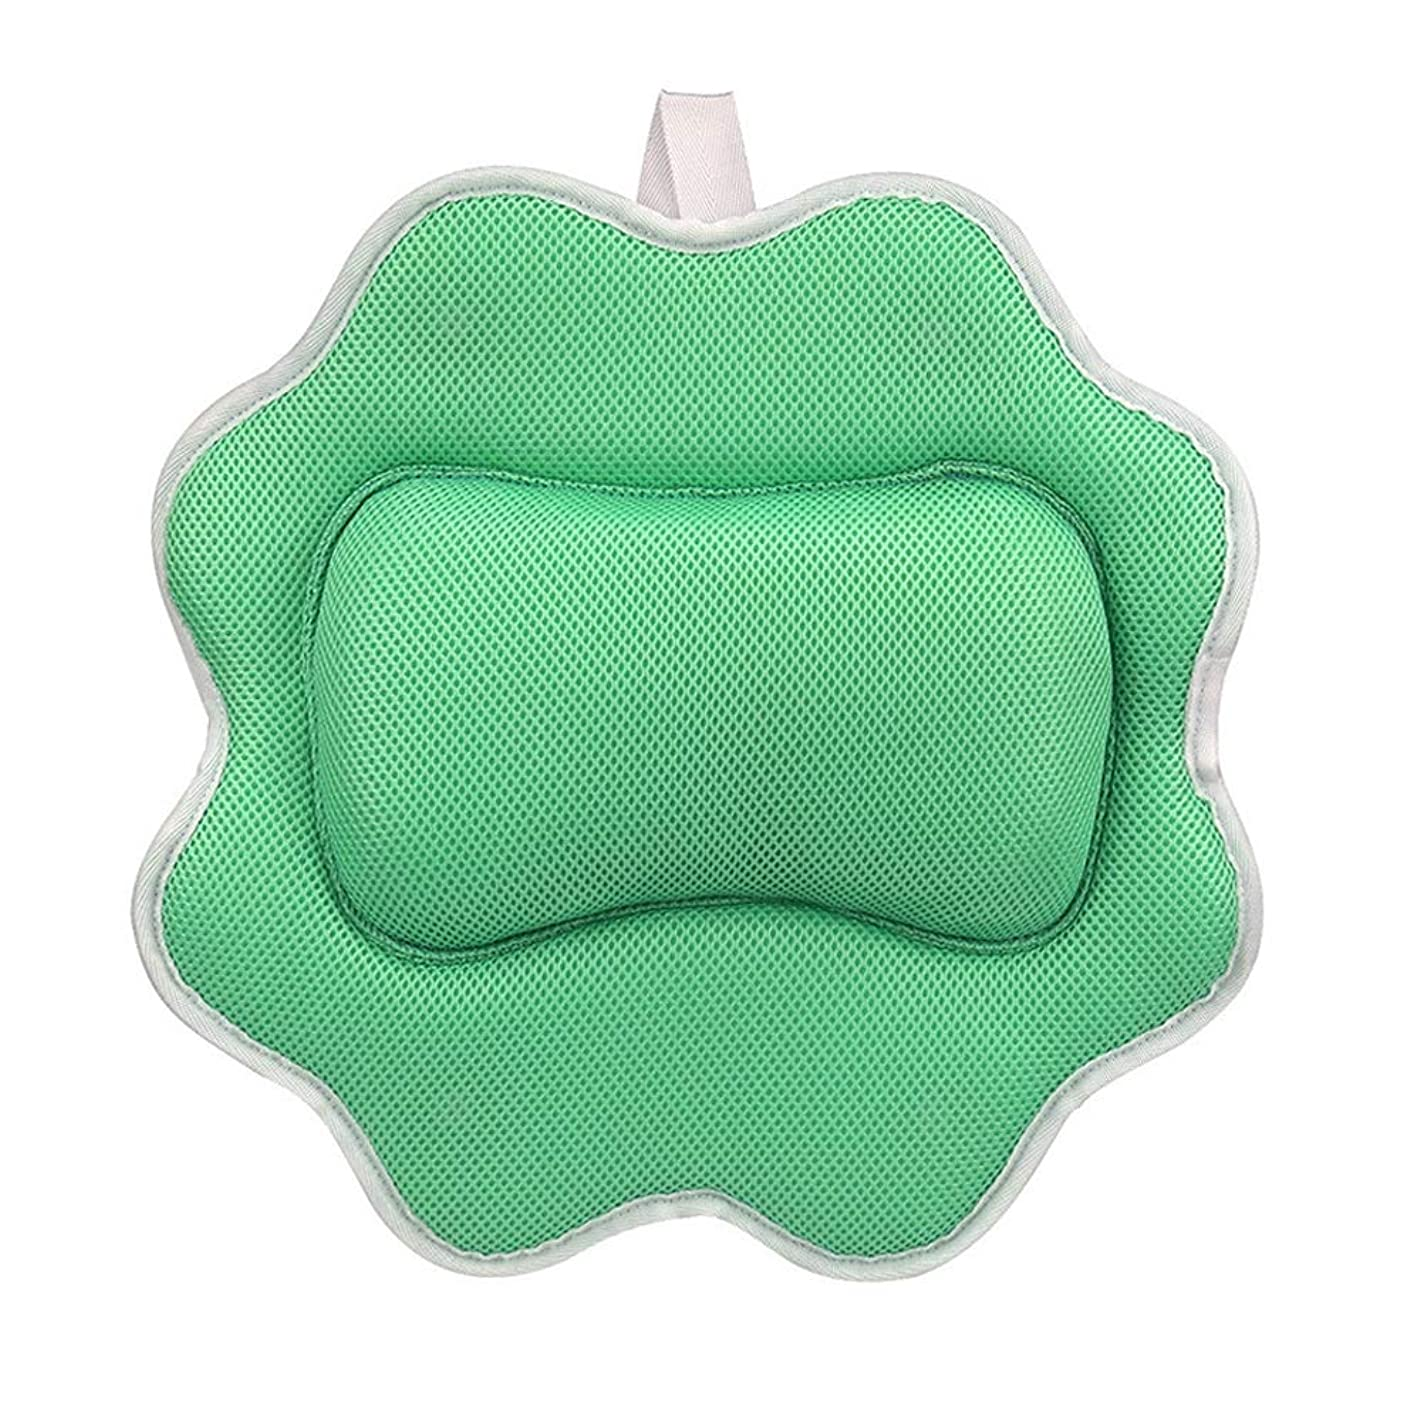 蘇生する通知するモーターサンフラワーバスピロースパマッサージ枕用アップグレード5 dエアーメッシュ技術あなたの肌と首を保護、洗濯機で洗えます